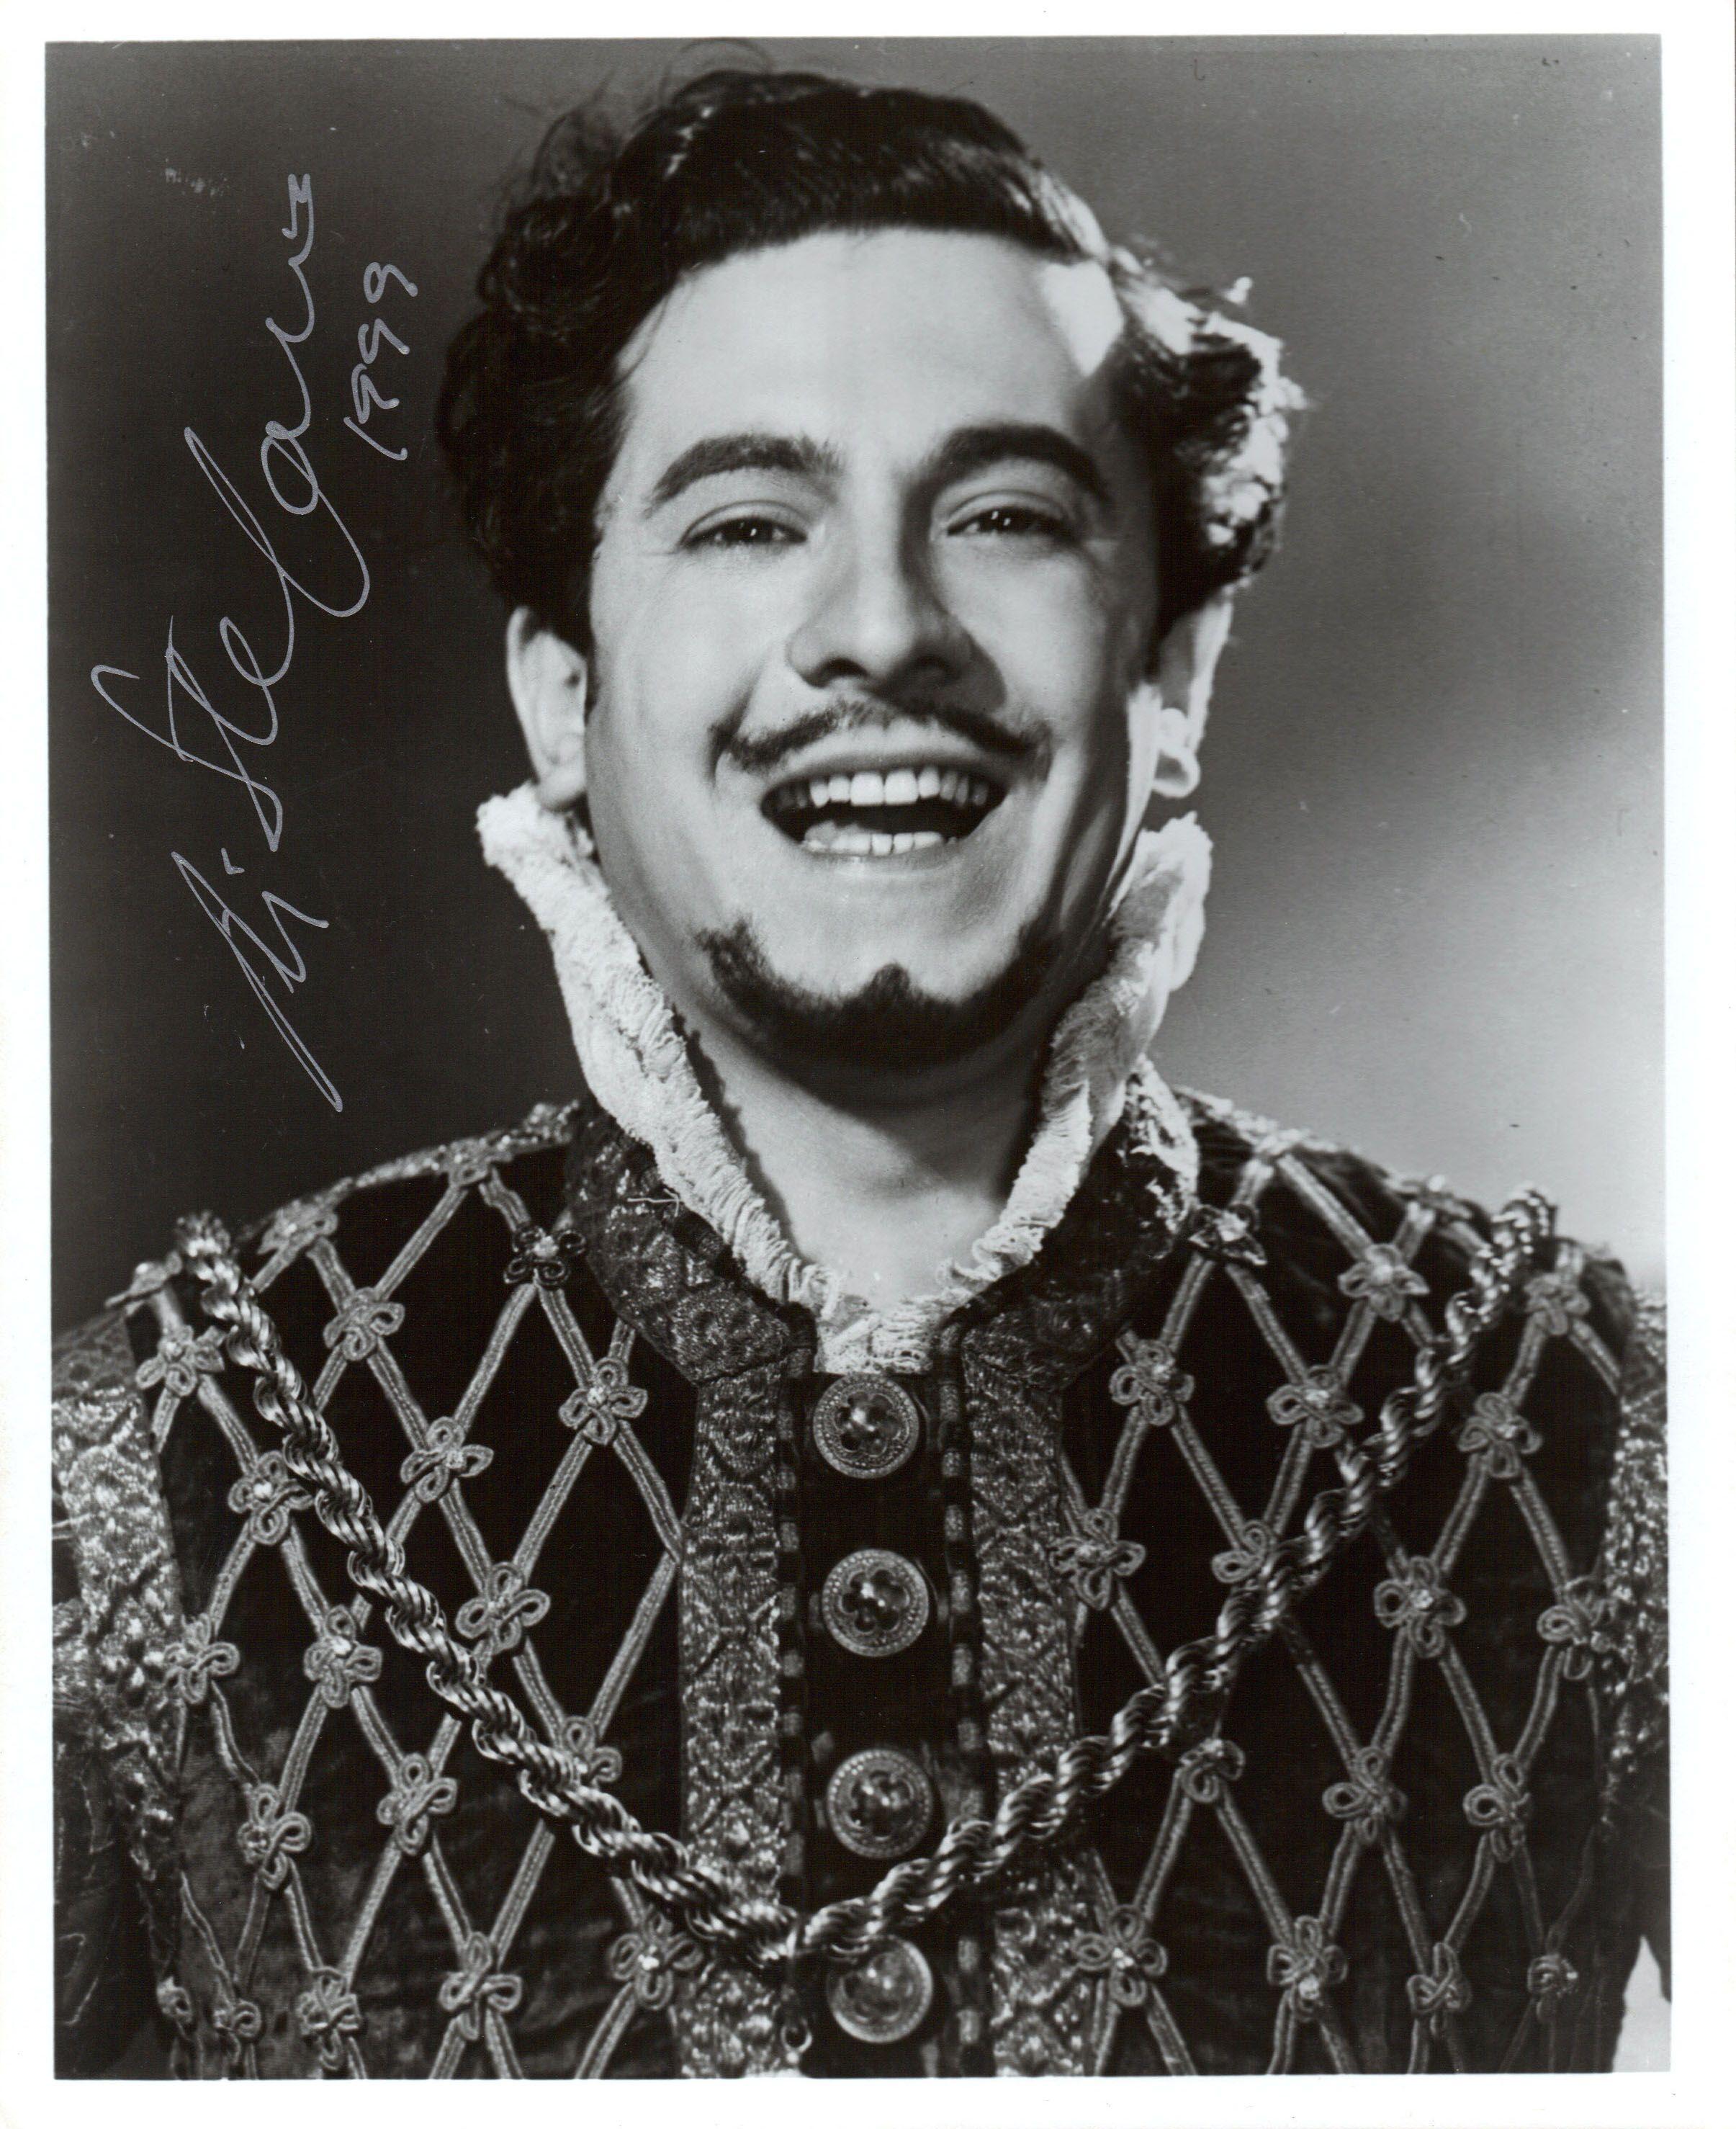 Meraviglioso ritratto di Giuseppe Di Stefano, al suo debutto come Duca in Rigoletto, il 25 febbraio 1948 al Met #VerdiMuseum